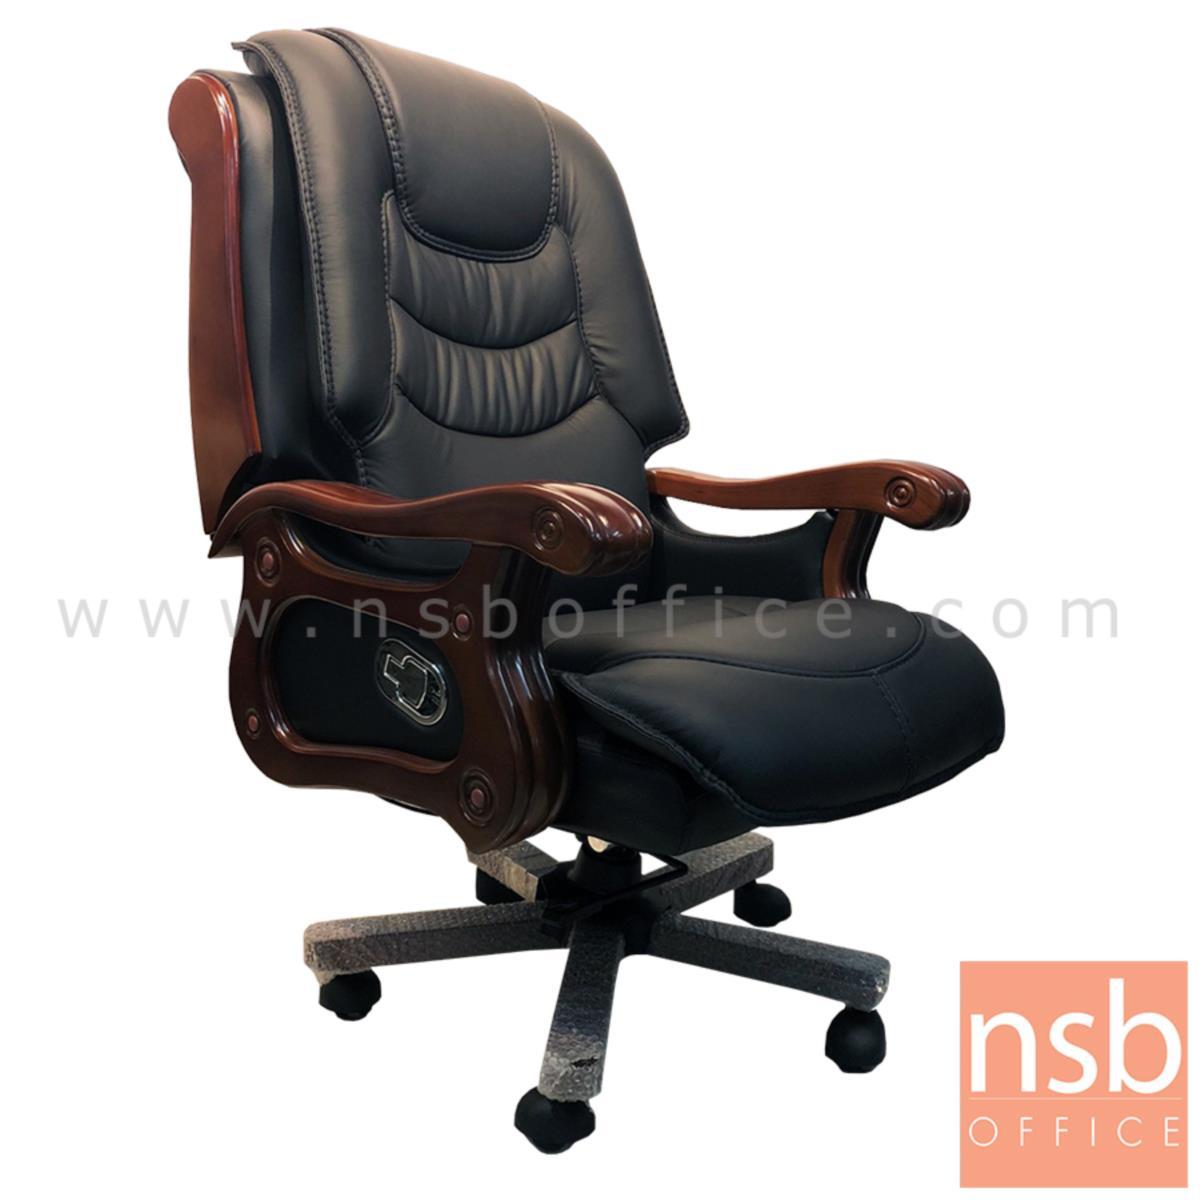 B25A122:เก้าอี้ผู้บริหารหนังแท้ ปรับระดับการเอนได้ รุ่น Chicaco (ชิคาโก้)  แขน ขาไม้